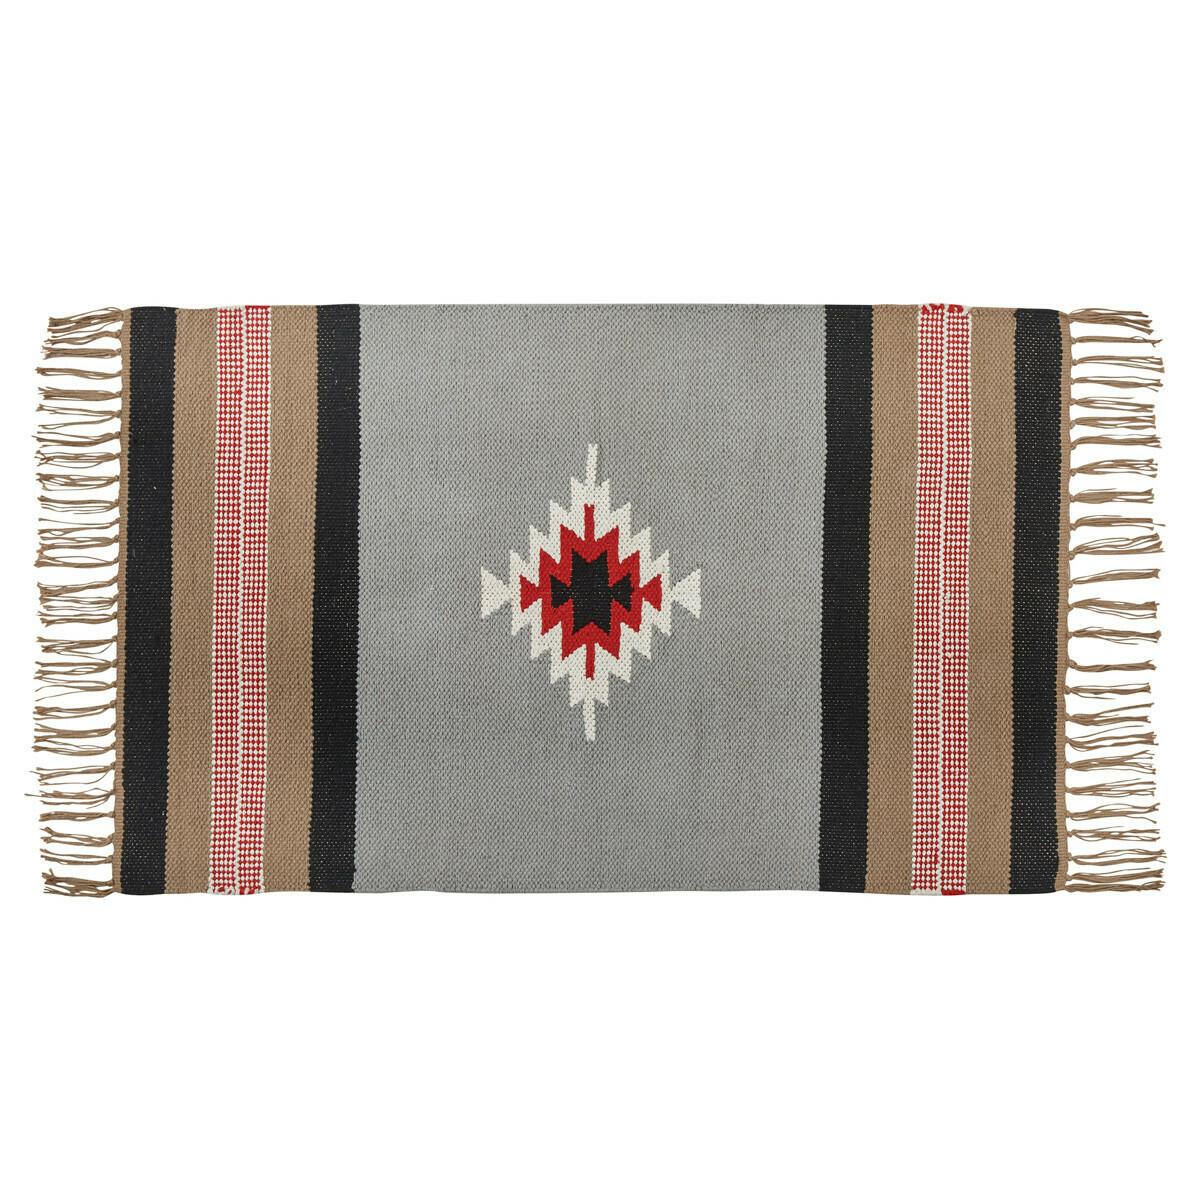 Trail Blanket 2'X3' Rug